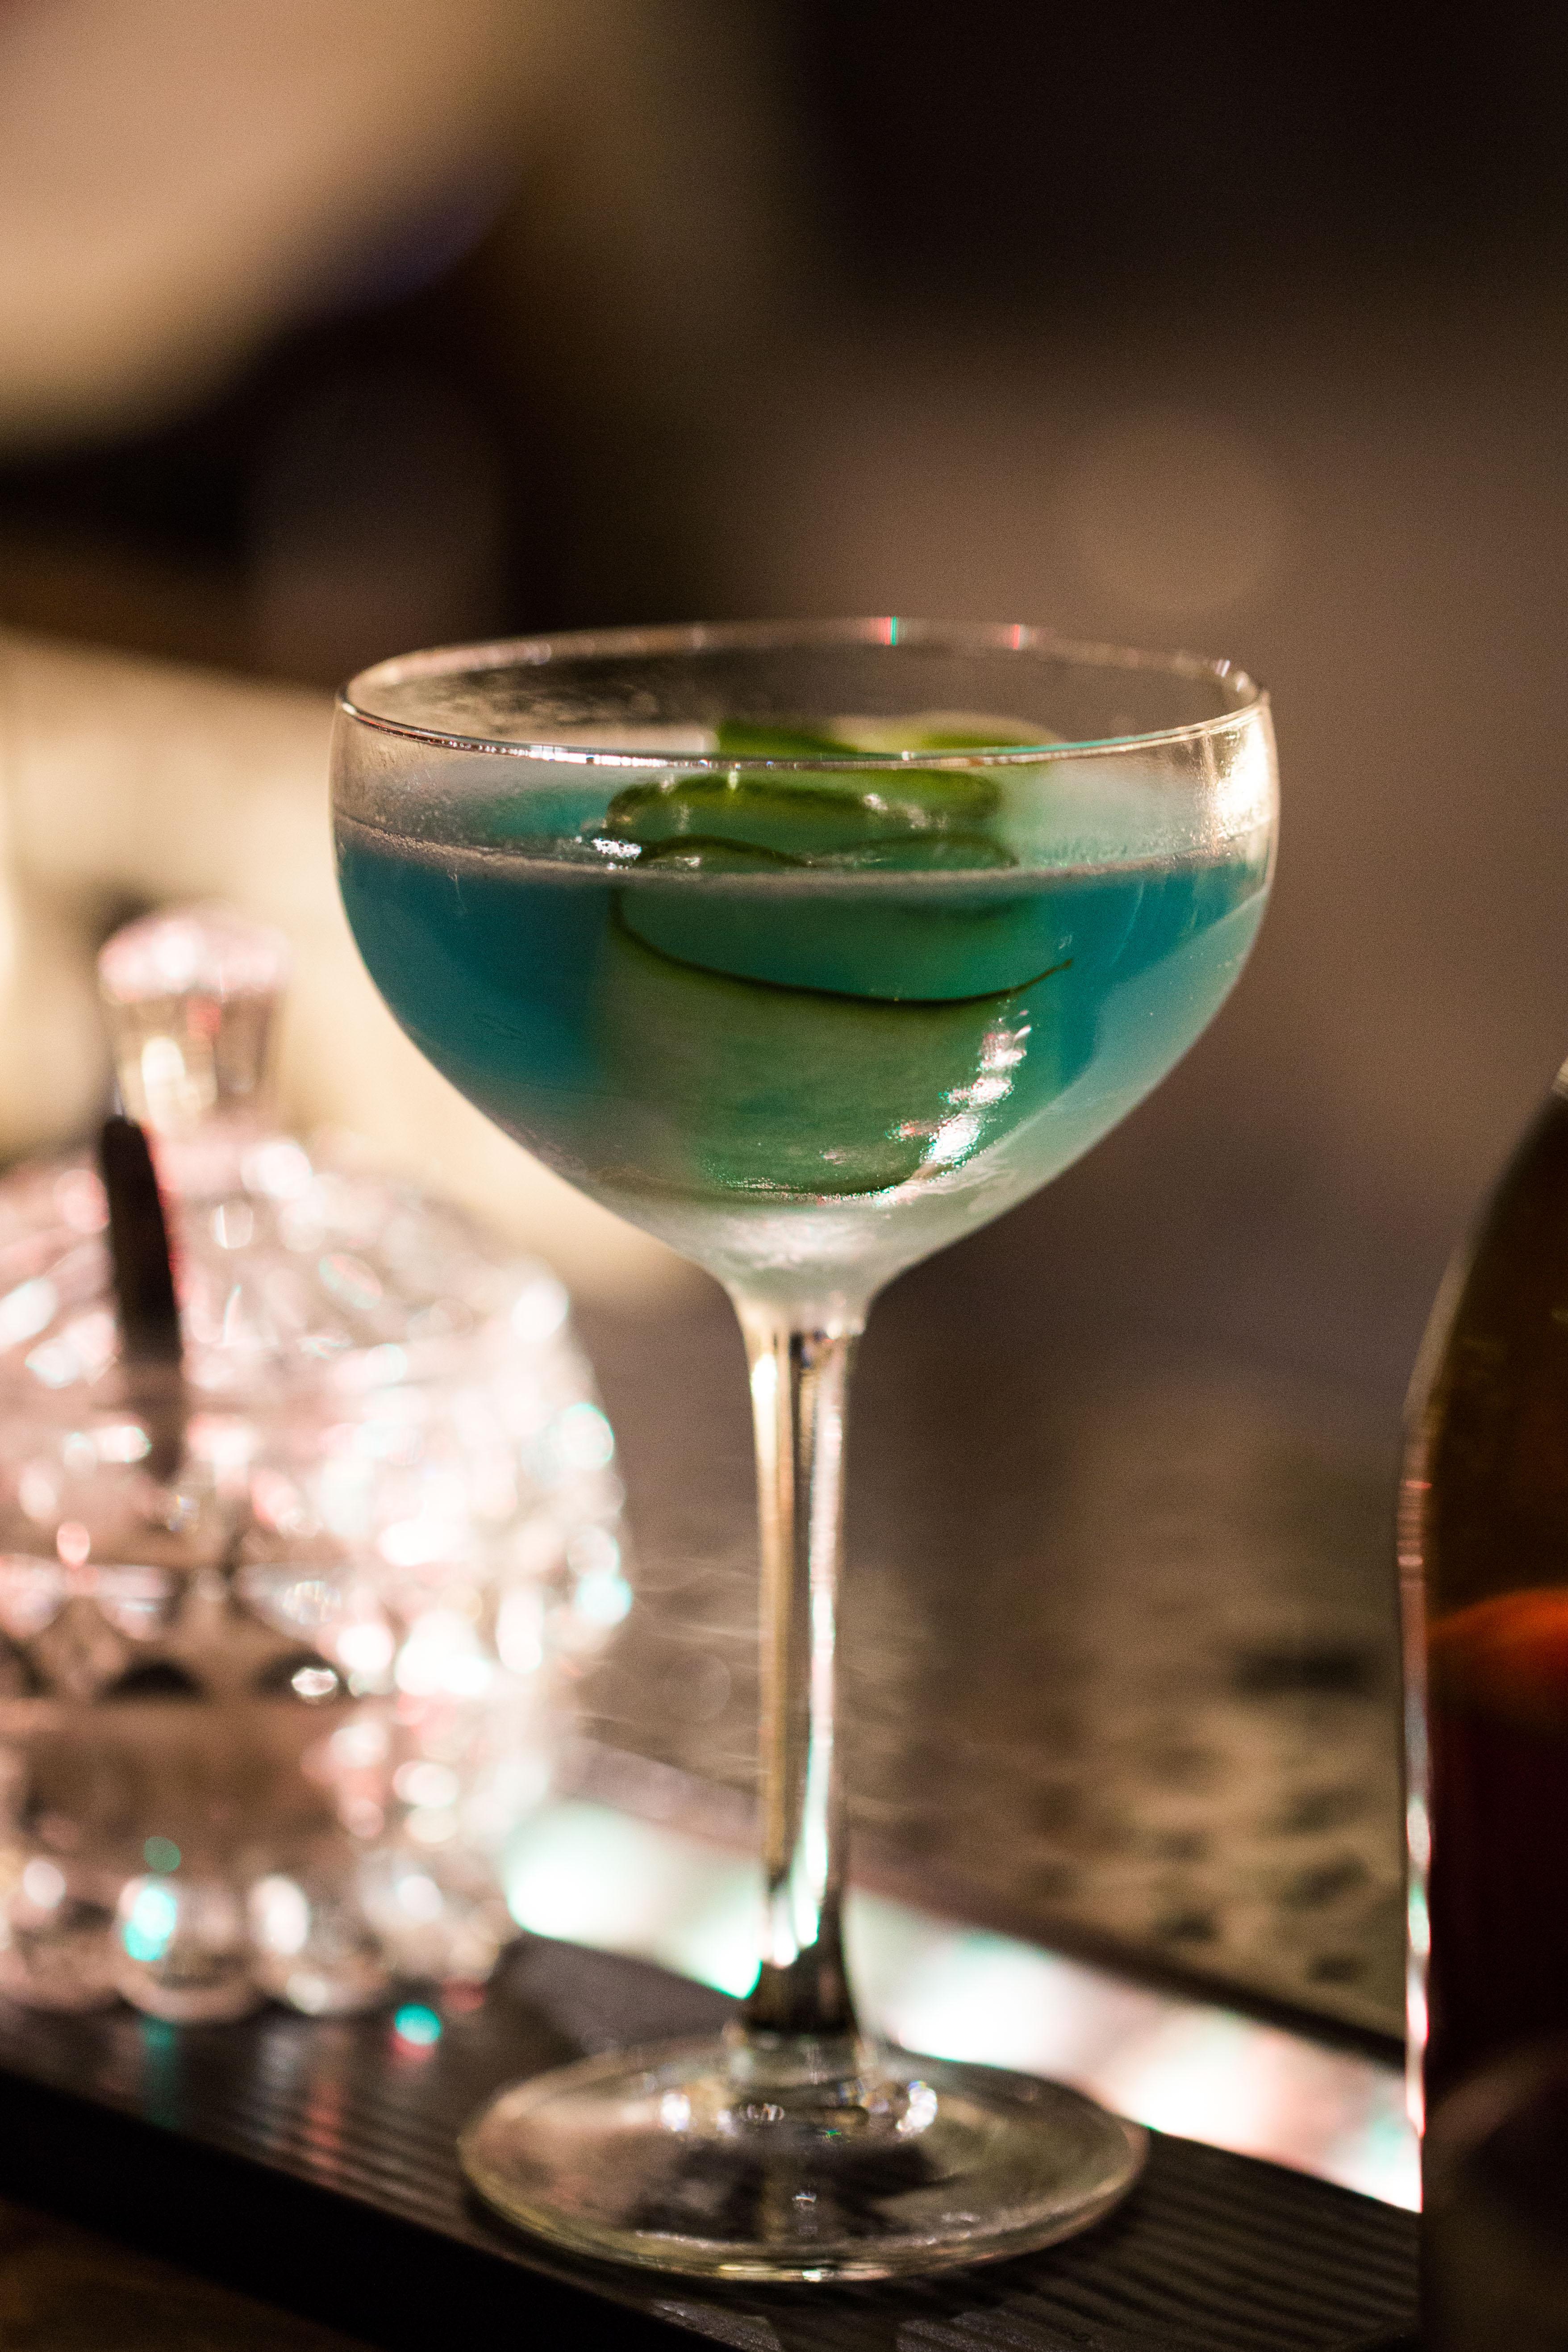 cocktail-fannygaudin-5248